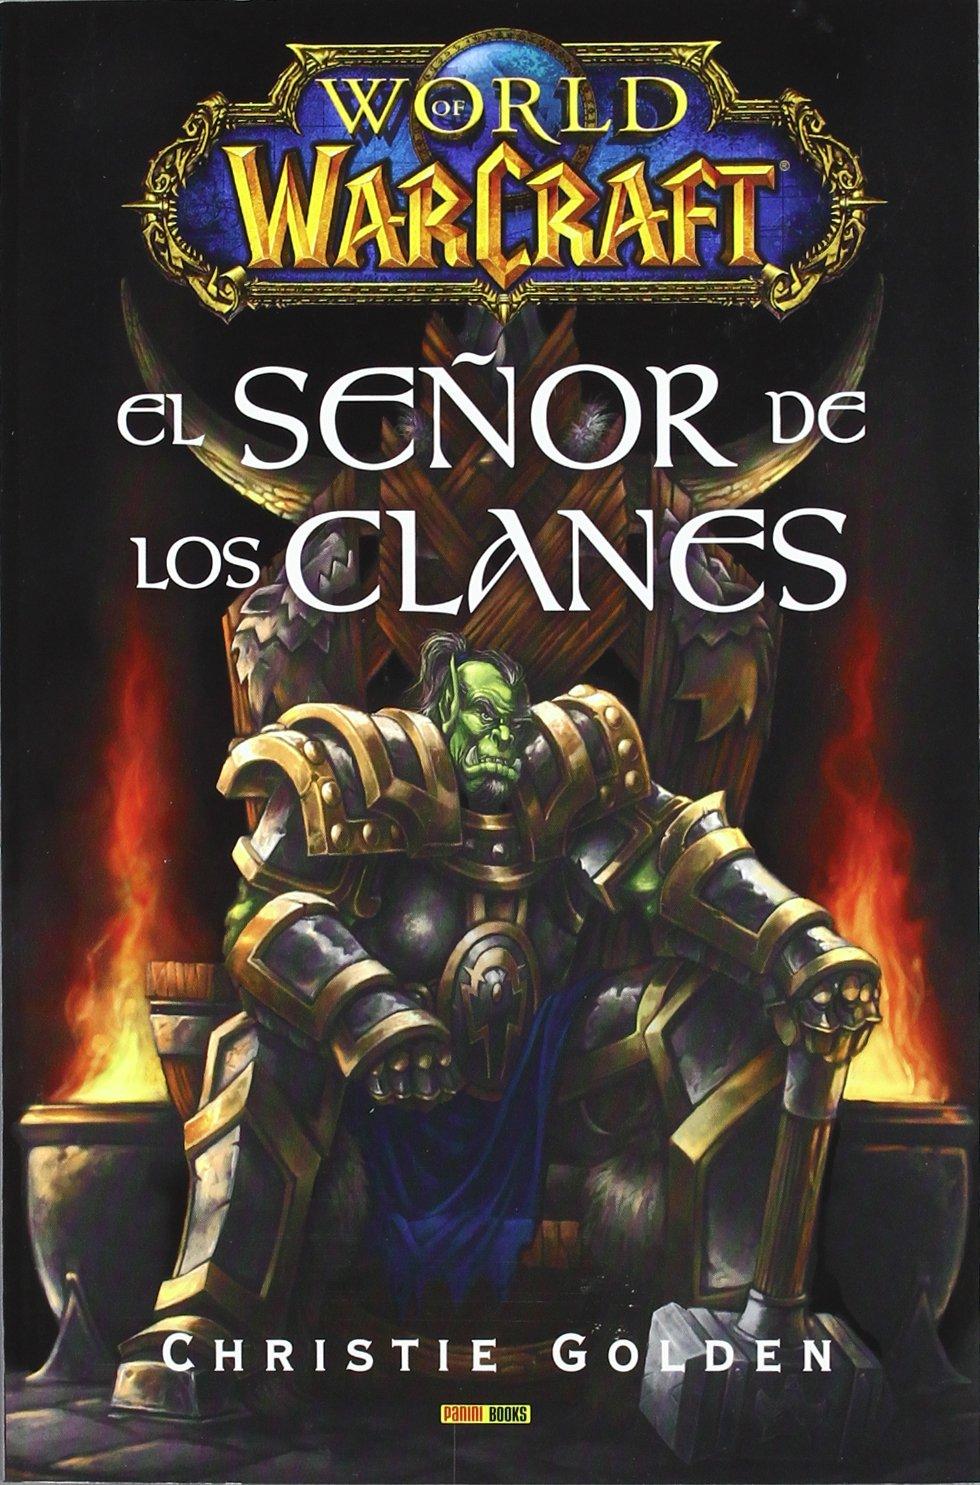 libros warcraft orden